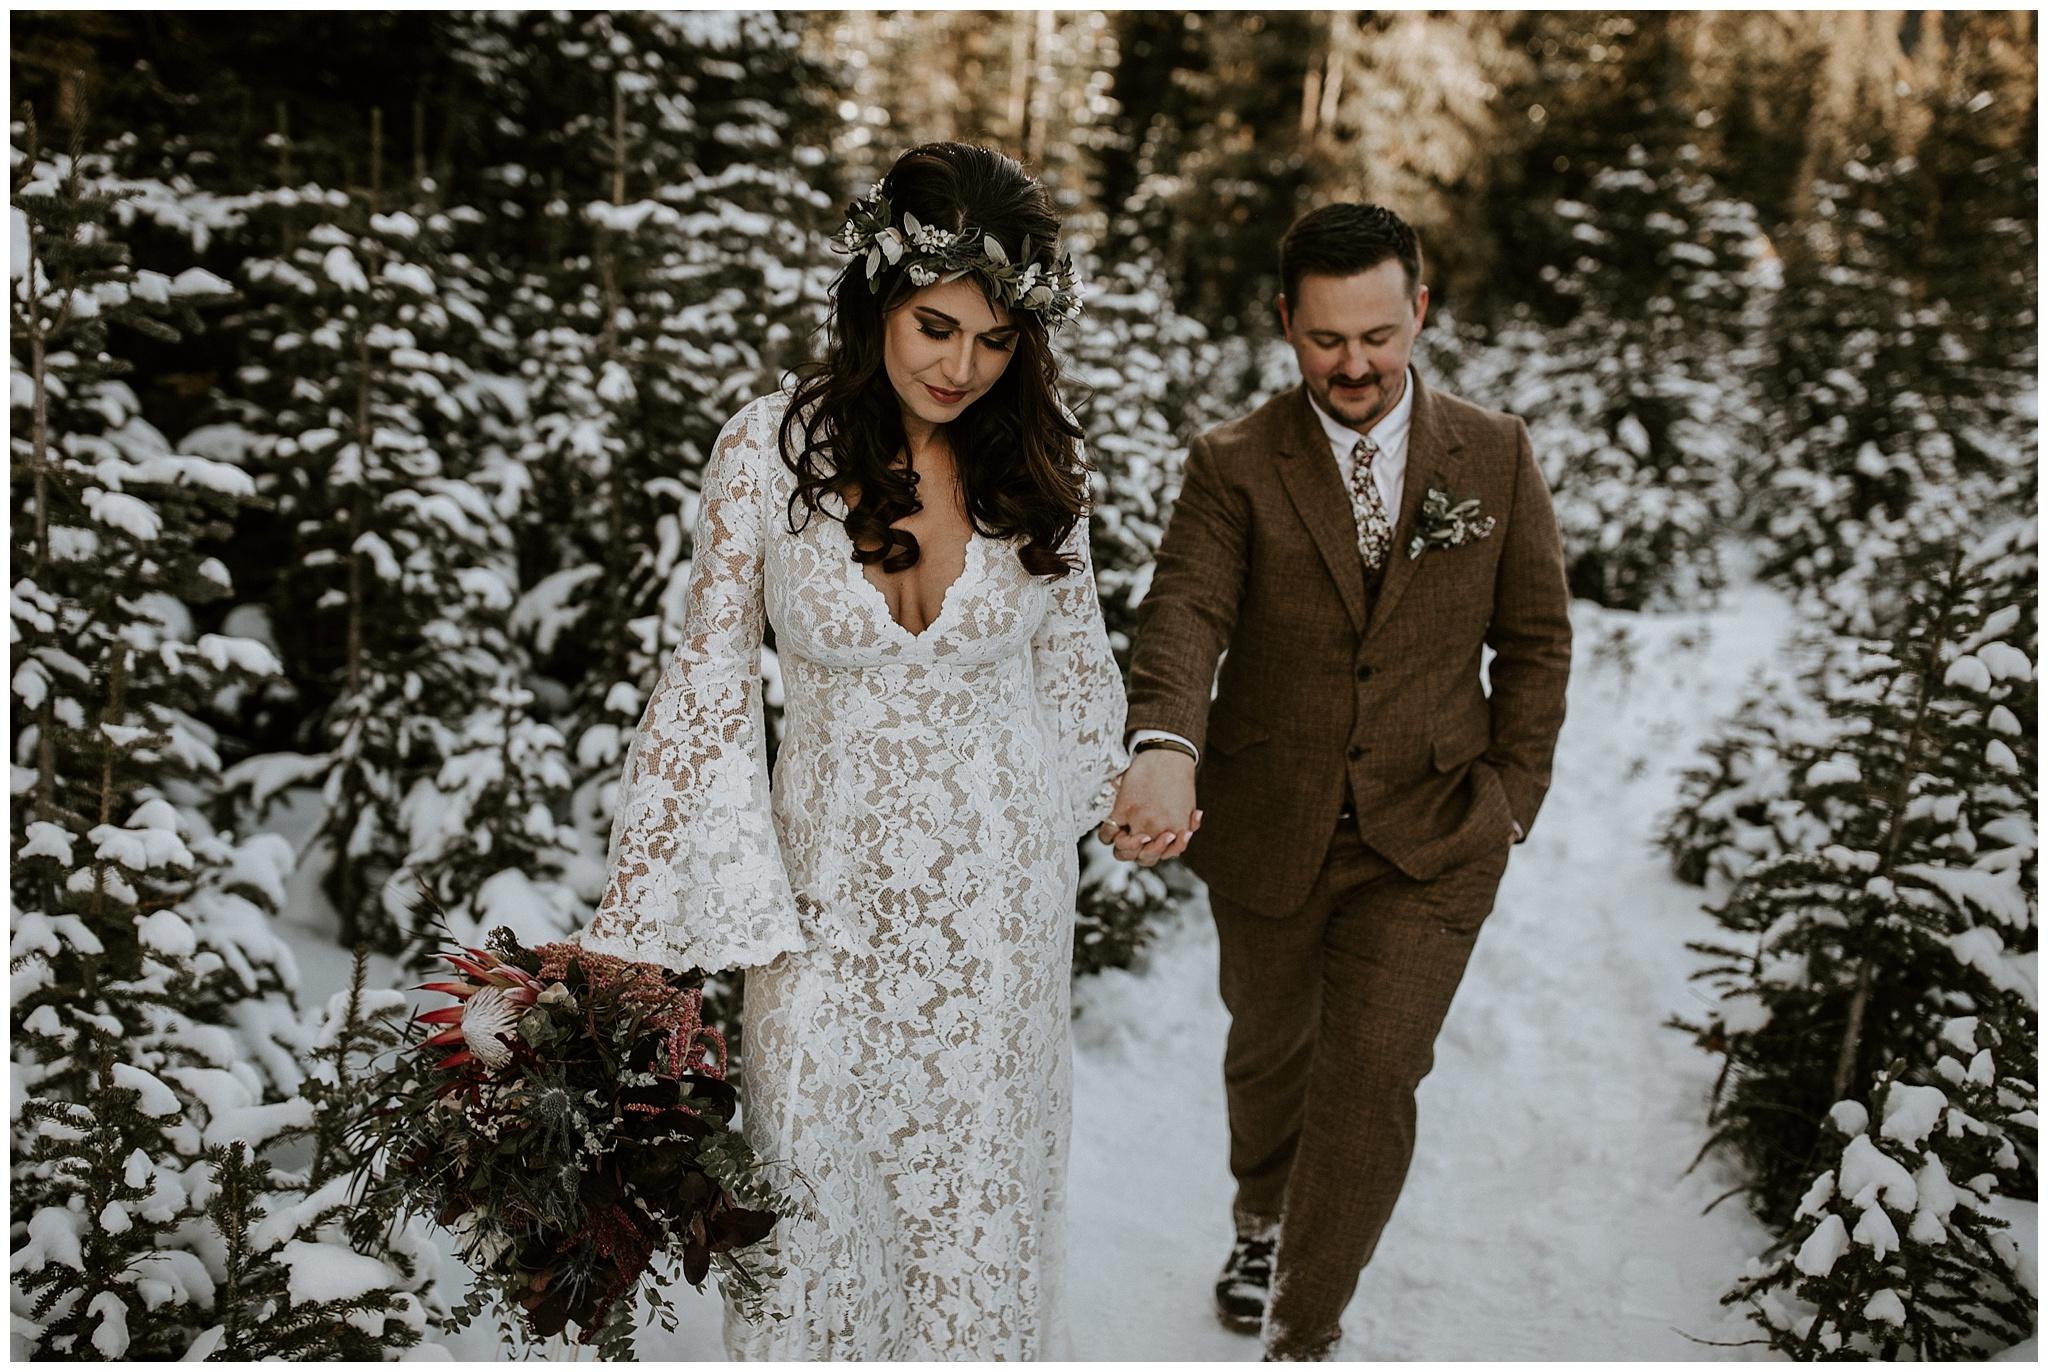 peyto-lake-wedding-photos-48.JPG